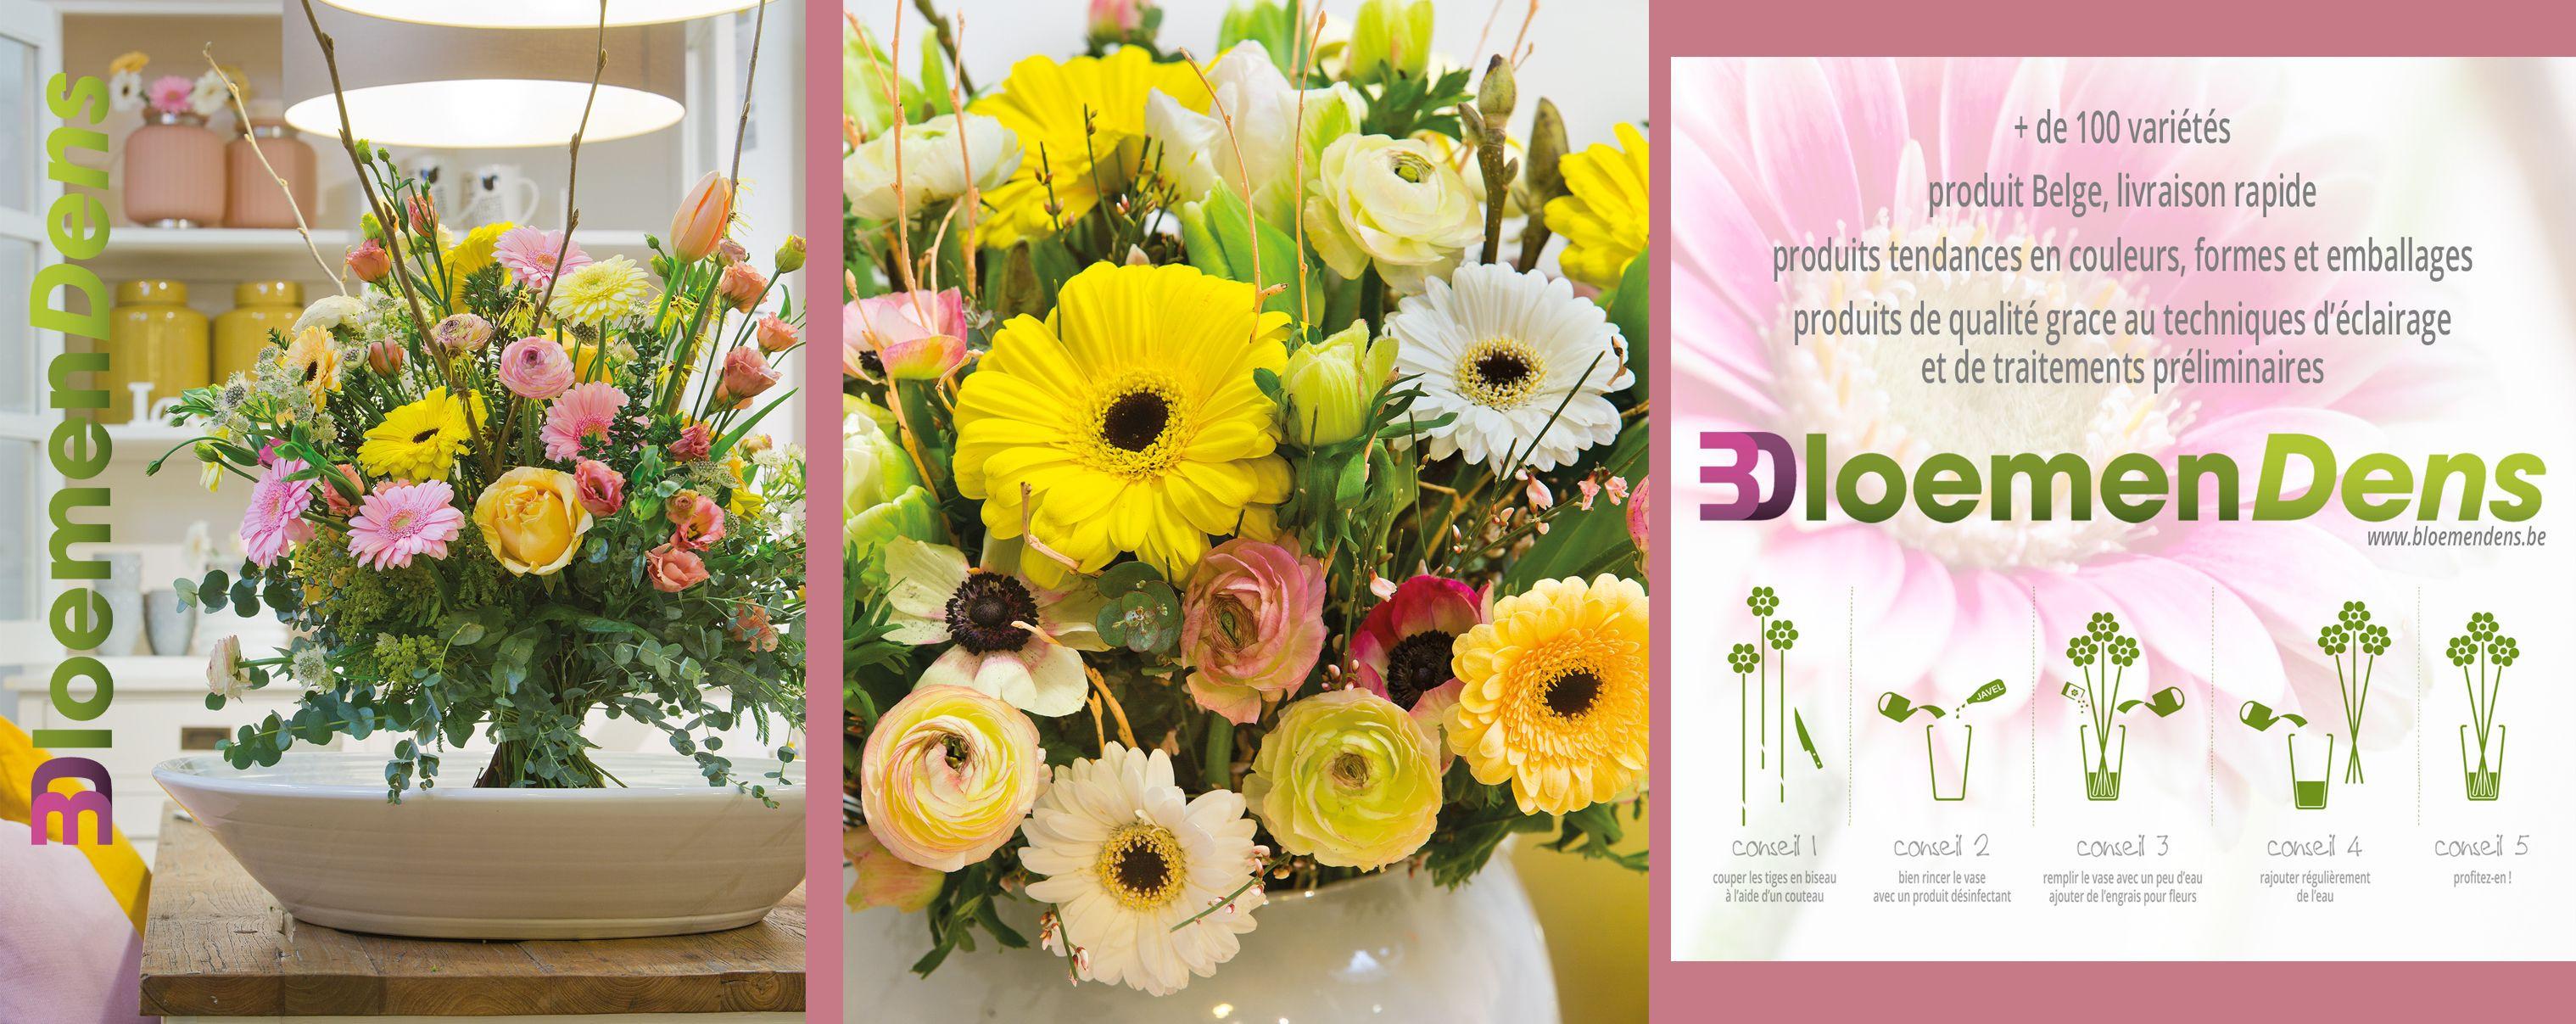 vase for 100 roses of 100 variateiten flowerofthedayawesomeflowersbloemendens within 100 variateiten flowerofthedayawesomeflowersbloemendens